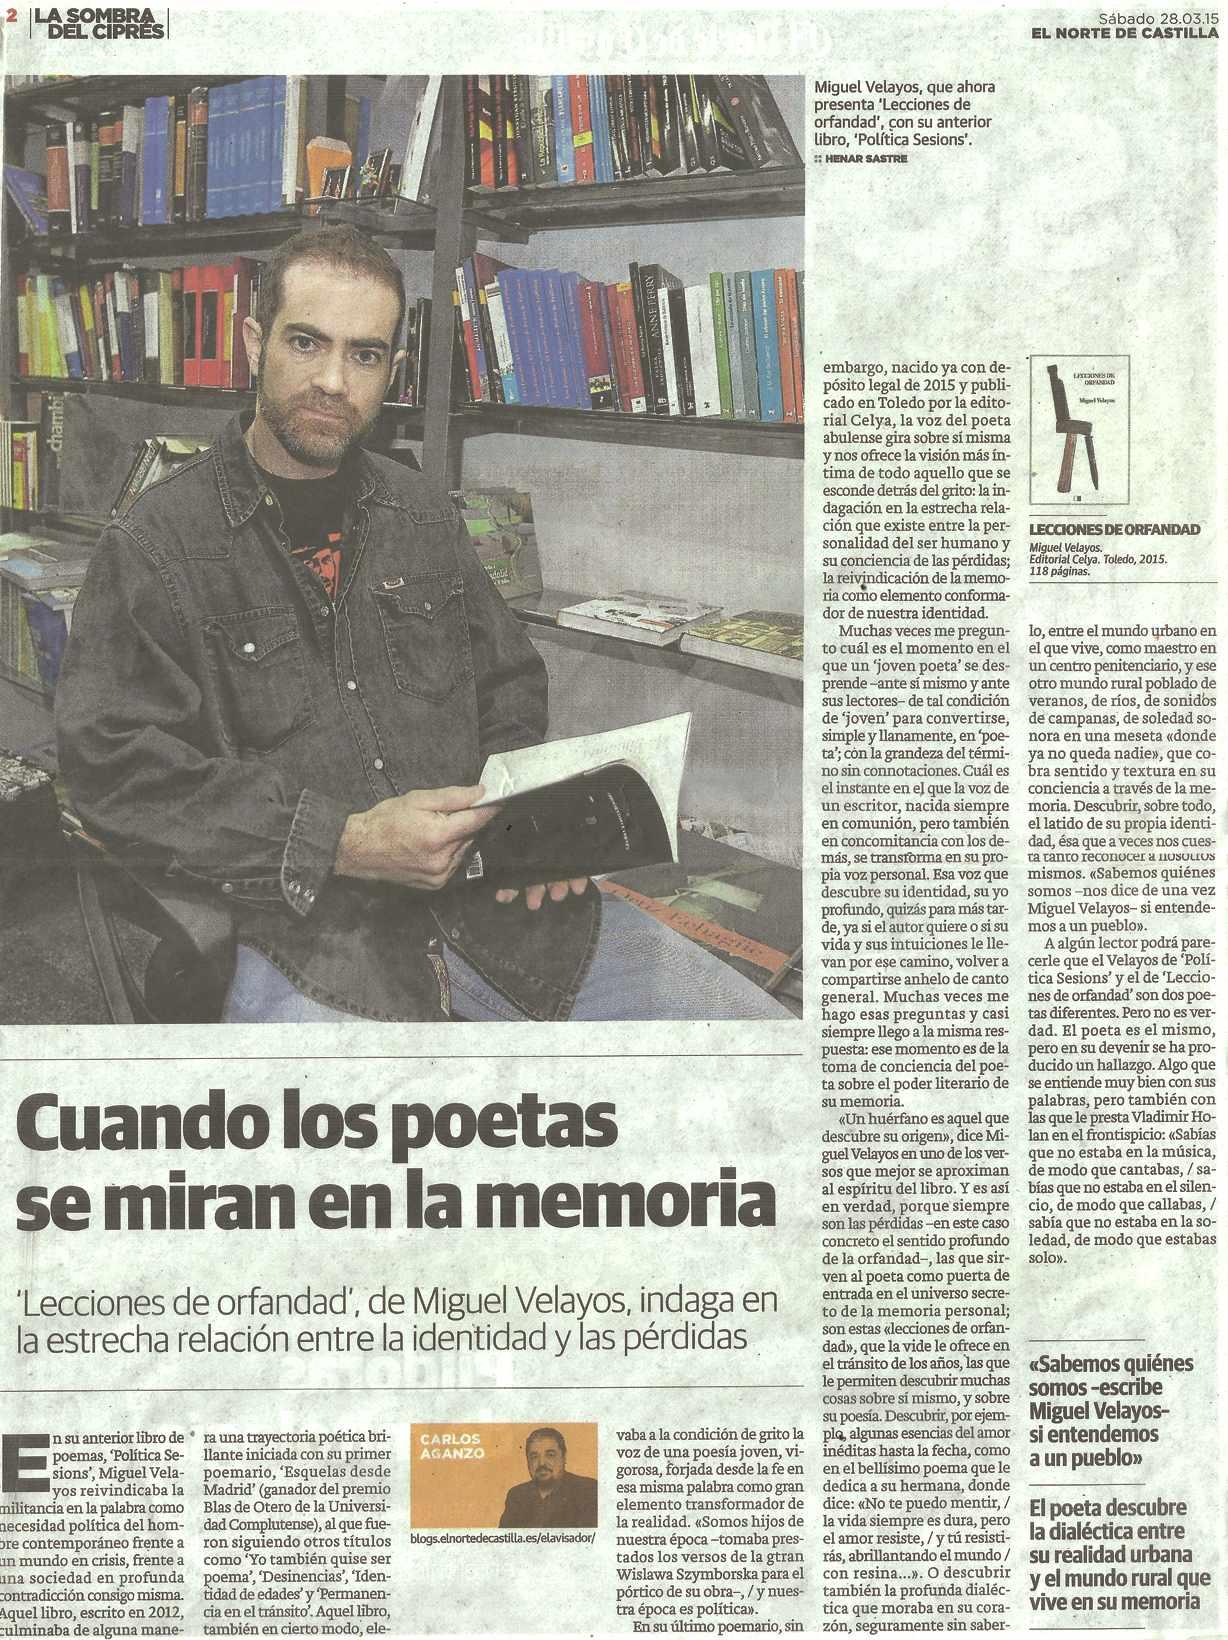 EL NORTE DE CASTILLA : Lecciones de orfandad, por Carlos Aganzo